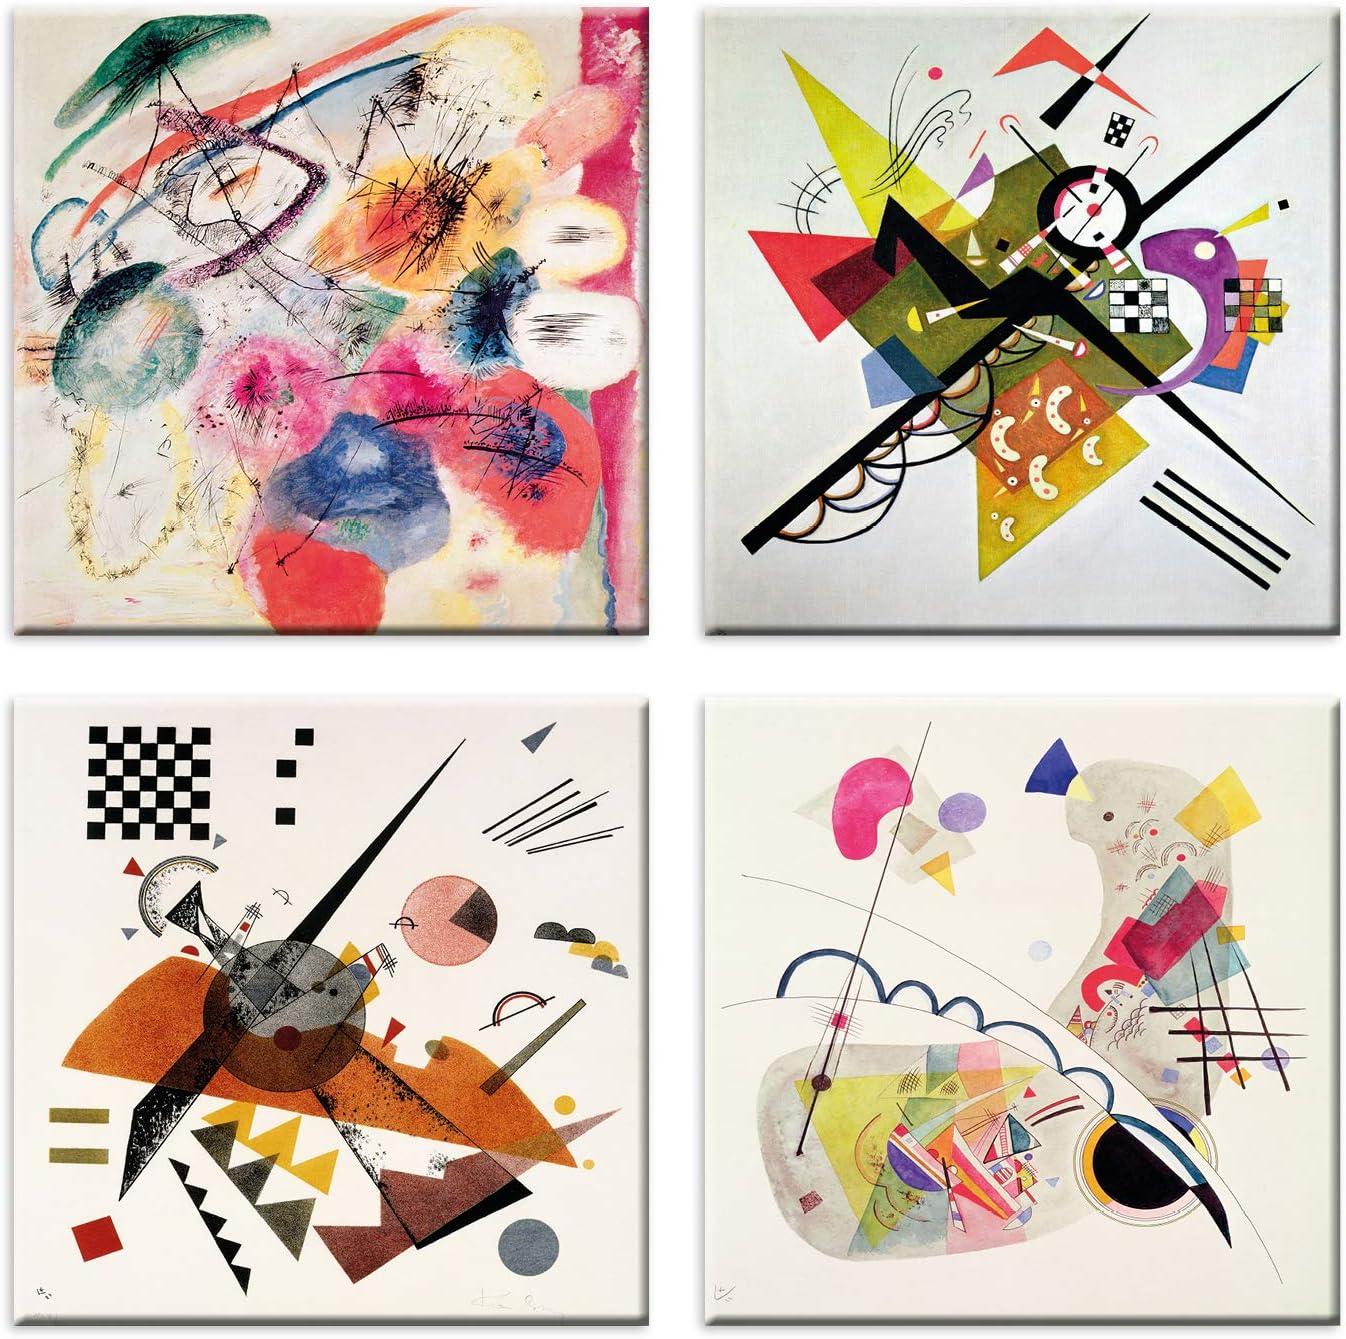 LuxHomeDecor Cuadros Kandinsky 4 Piezas 30 x 30 cm Impresión sobre Lienzo con Marco de Madera Arte Decorativo